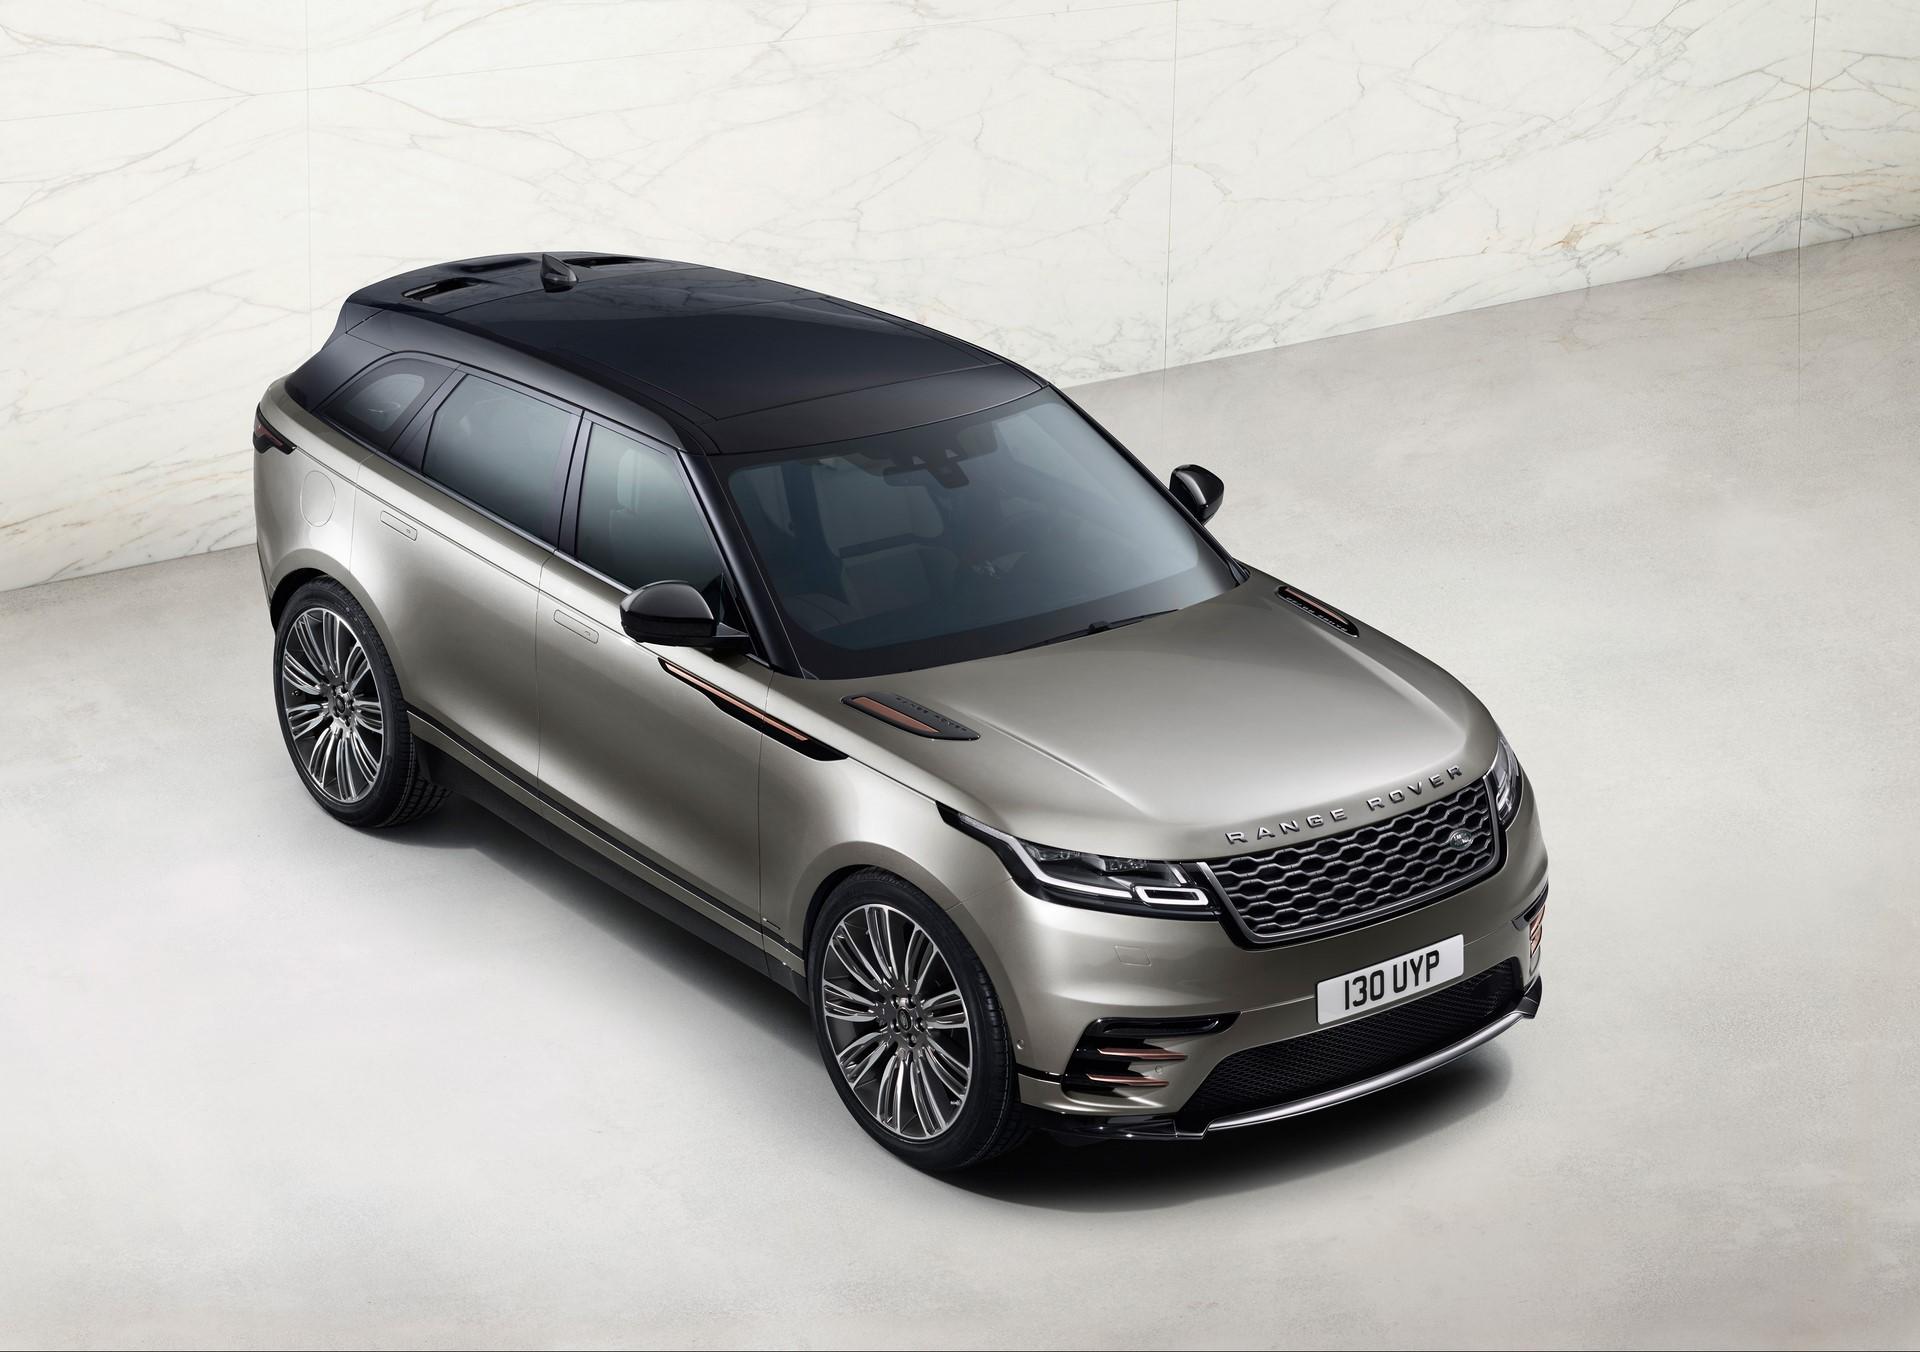 Range Rover Velar 2017 (36)